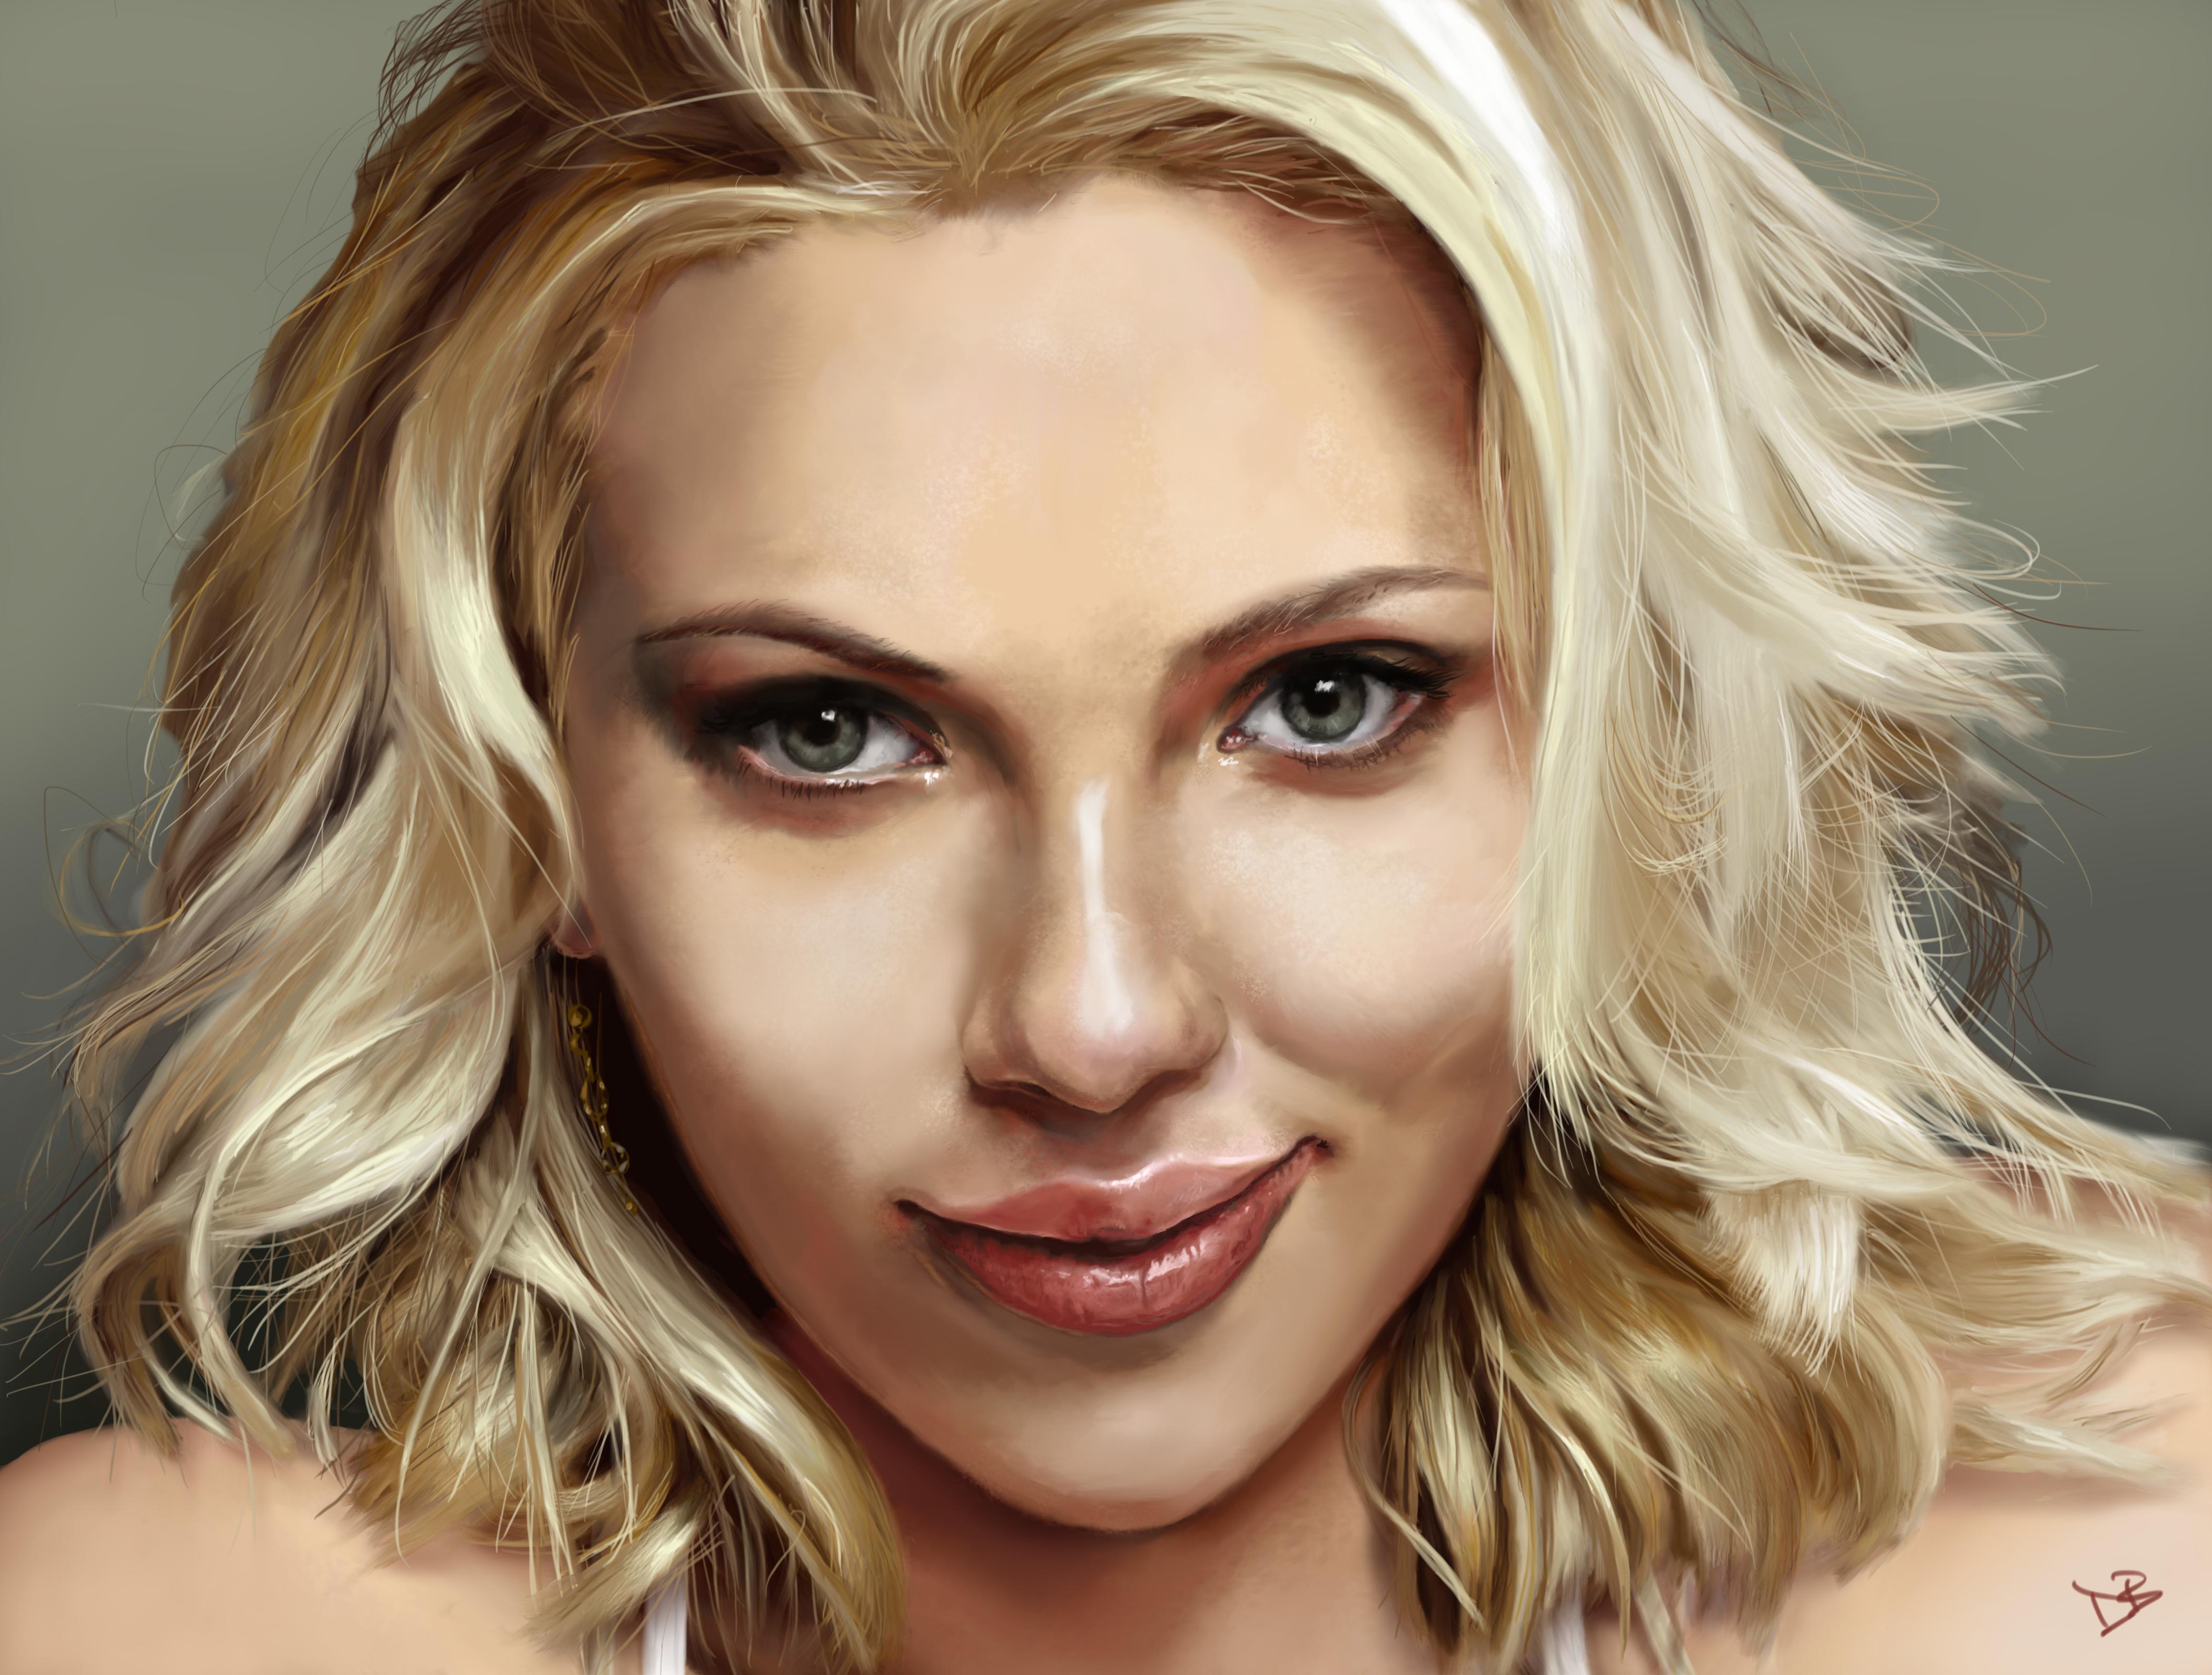 Scarlett Johansson Portrait Updated By Daveastation On Deviantart